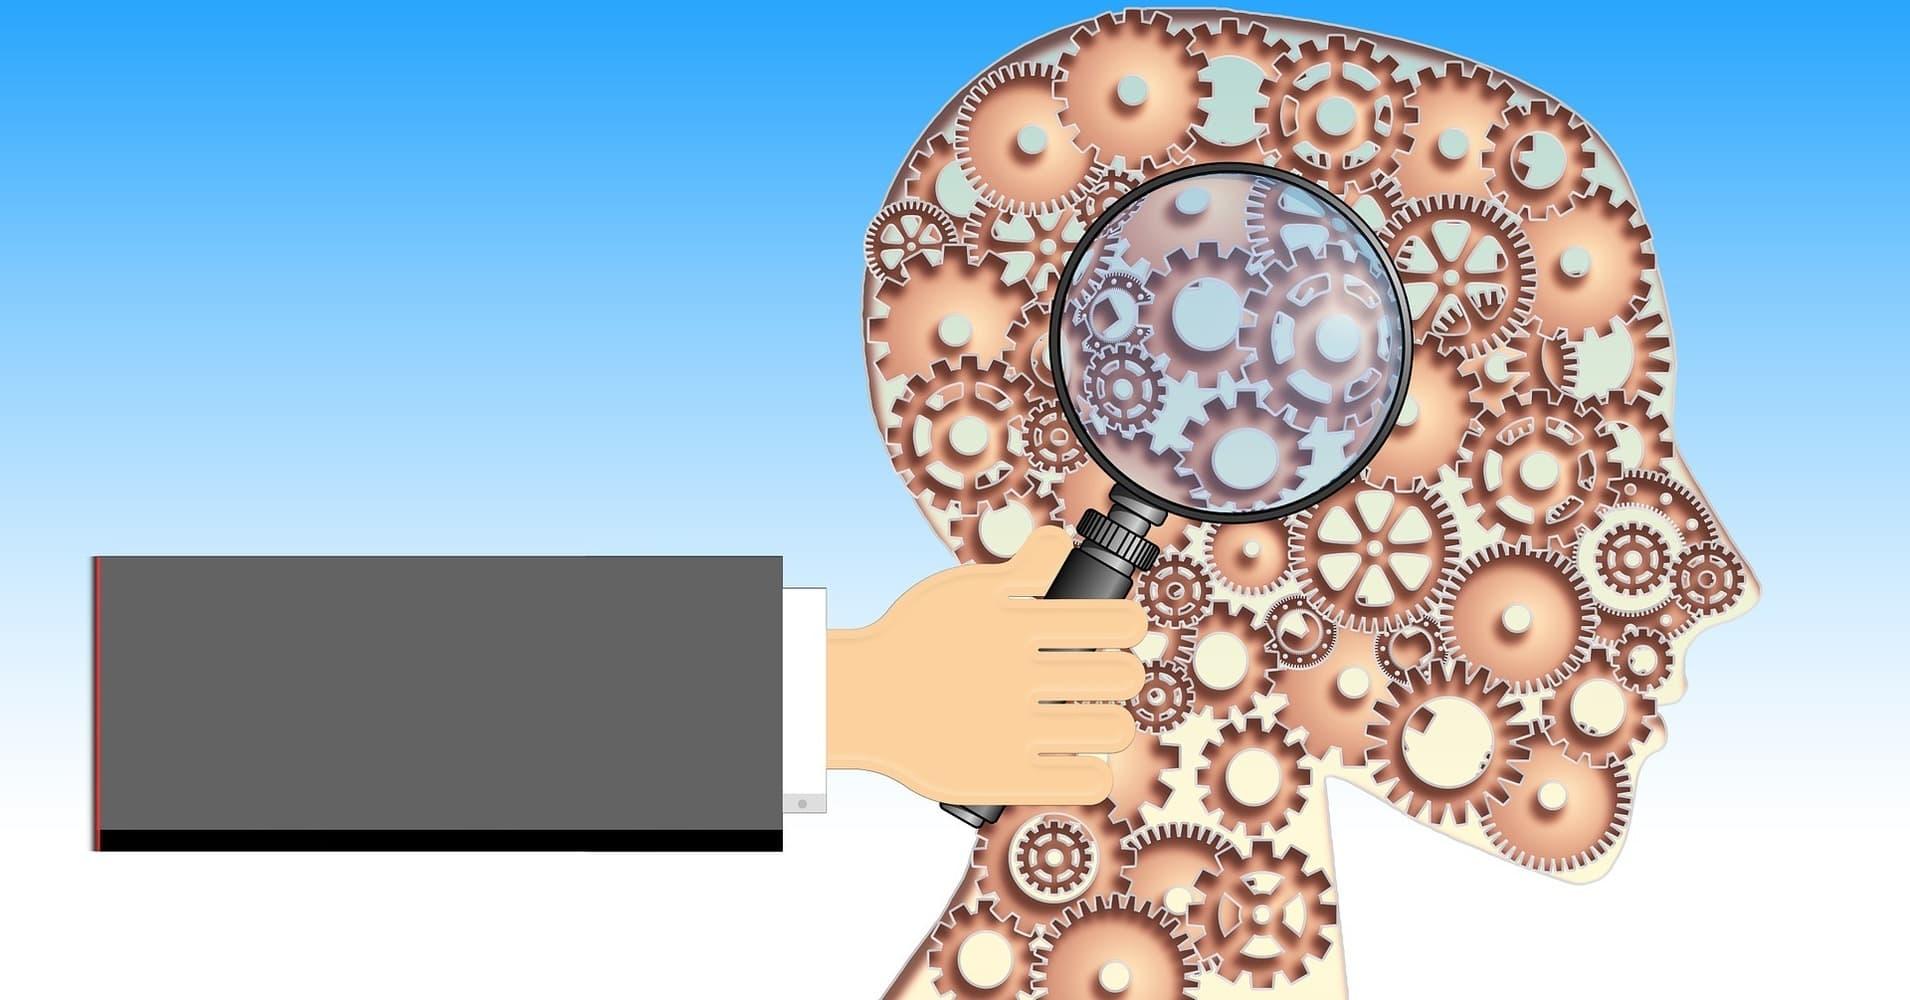 Прорыв в изучении шизофрении: виновником расстройства признаны иммунные клетки